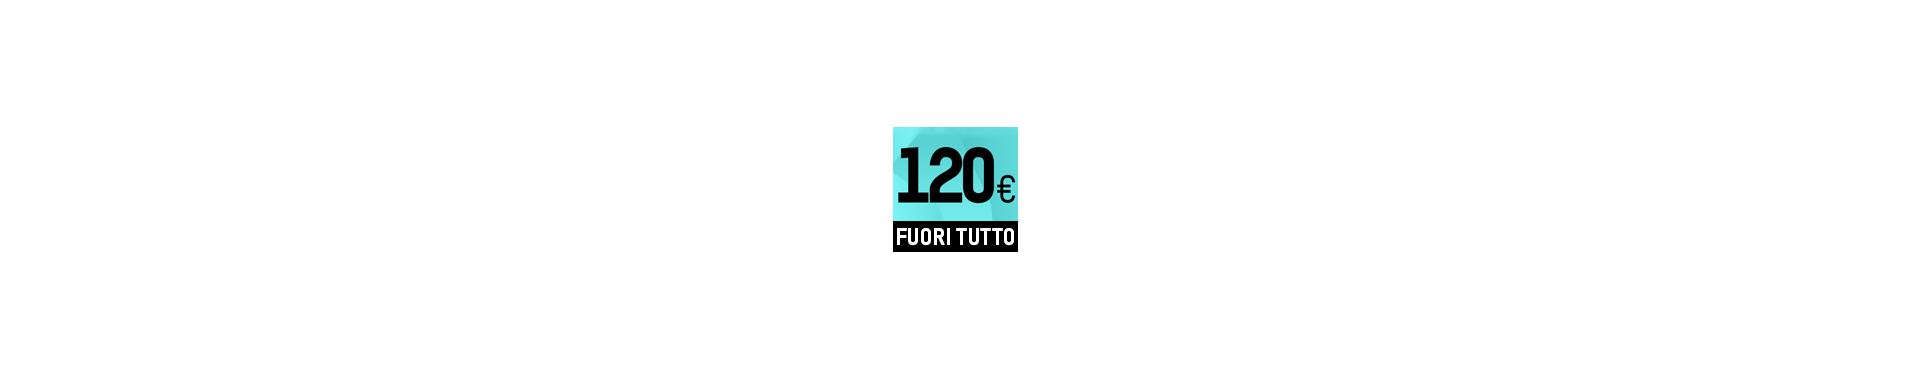 Fuori tutto Caschi per moto a 120 euro